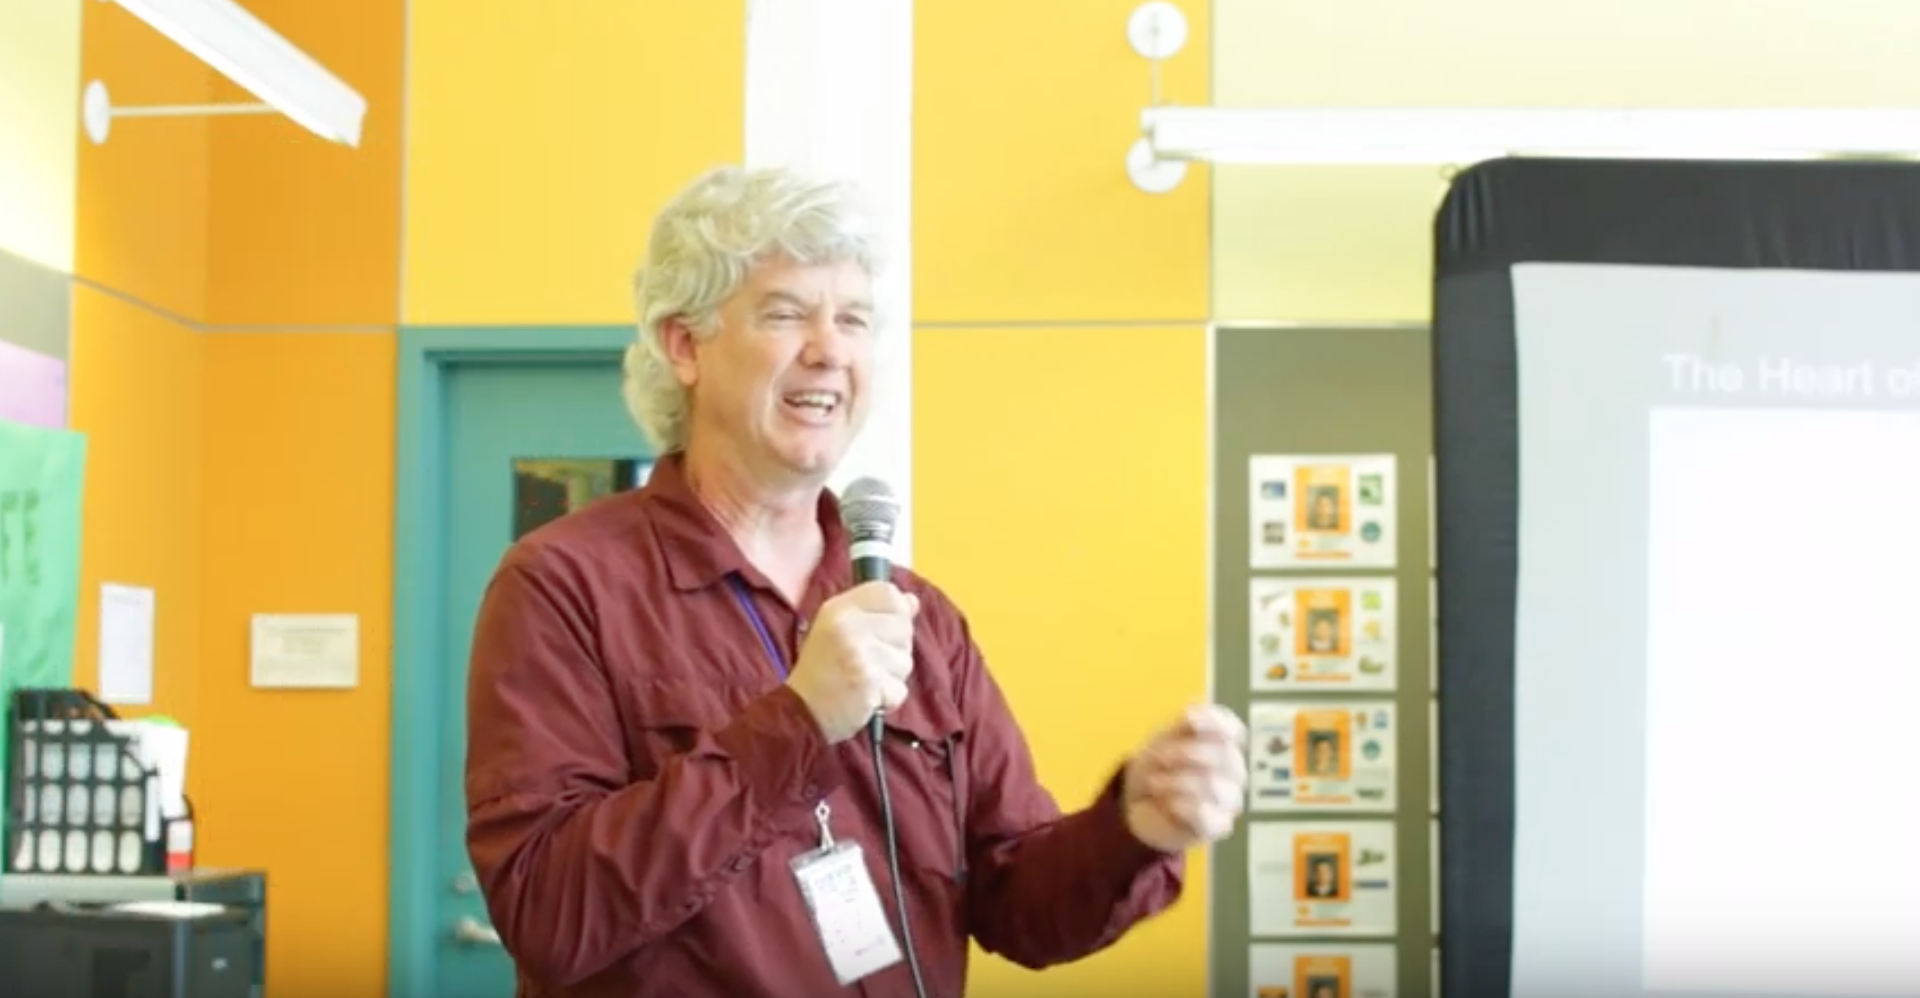 使用思考程序——例行公事!埃德•克兰德尔, 2017-2018年教学研究员 & 高中做 & 奥克兰灯塔社区特许学校机器人教师